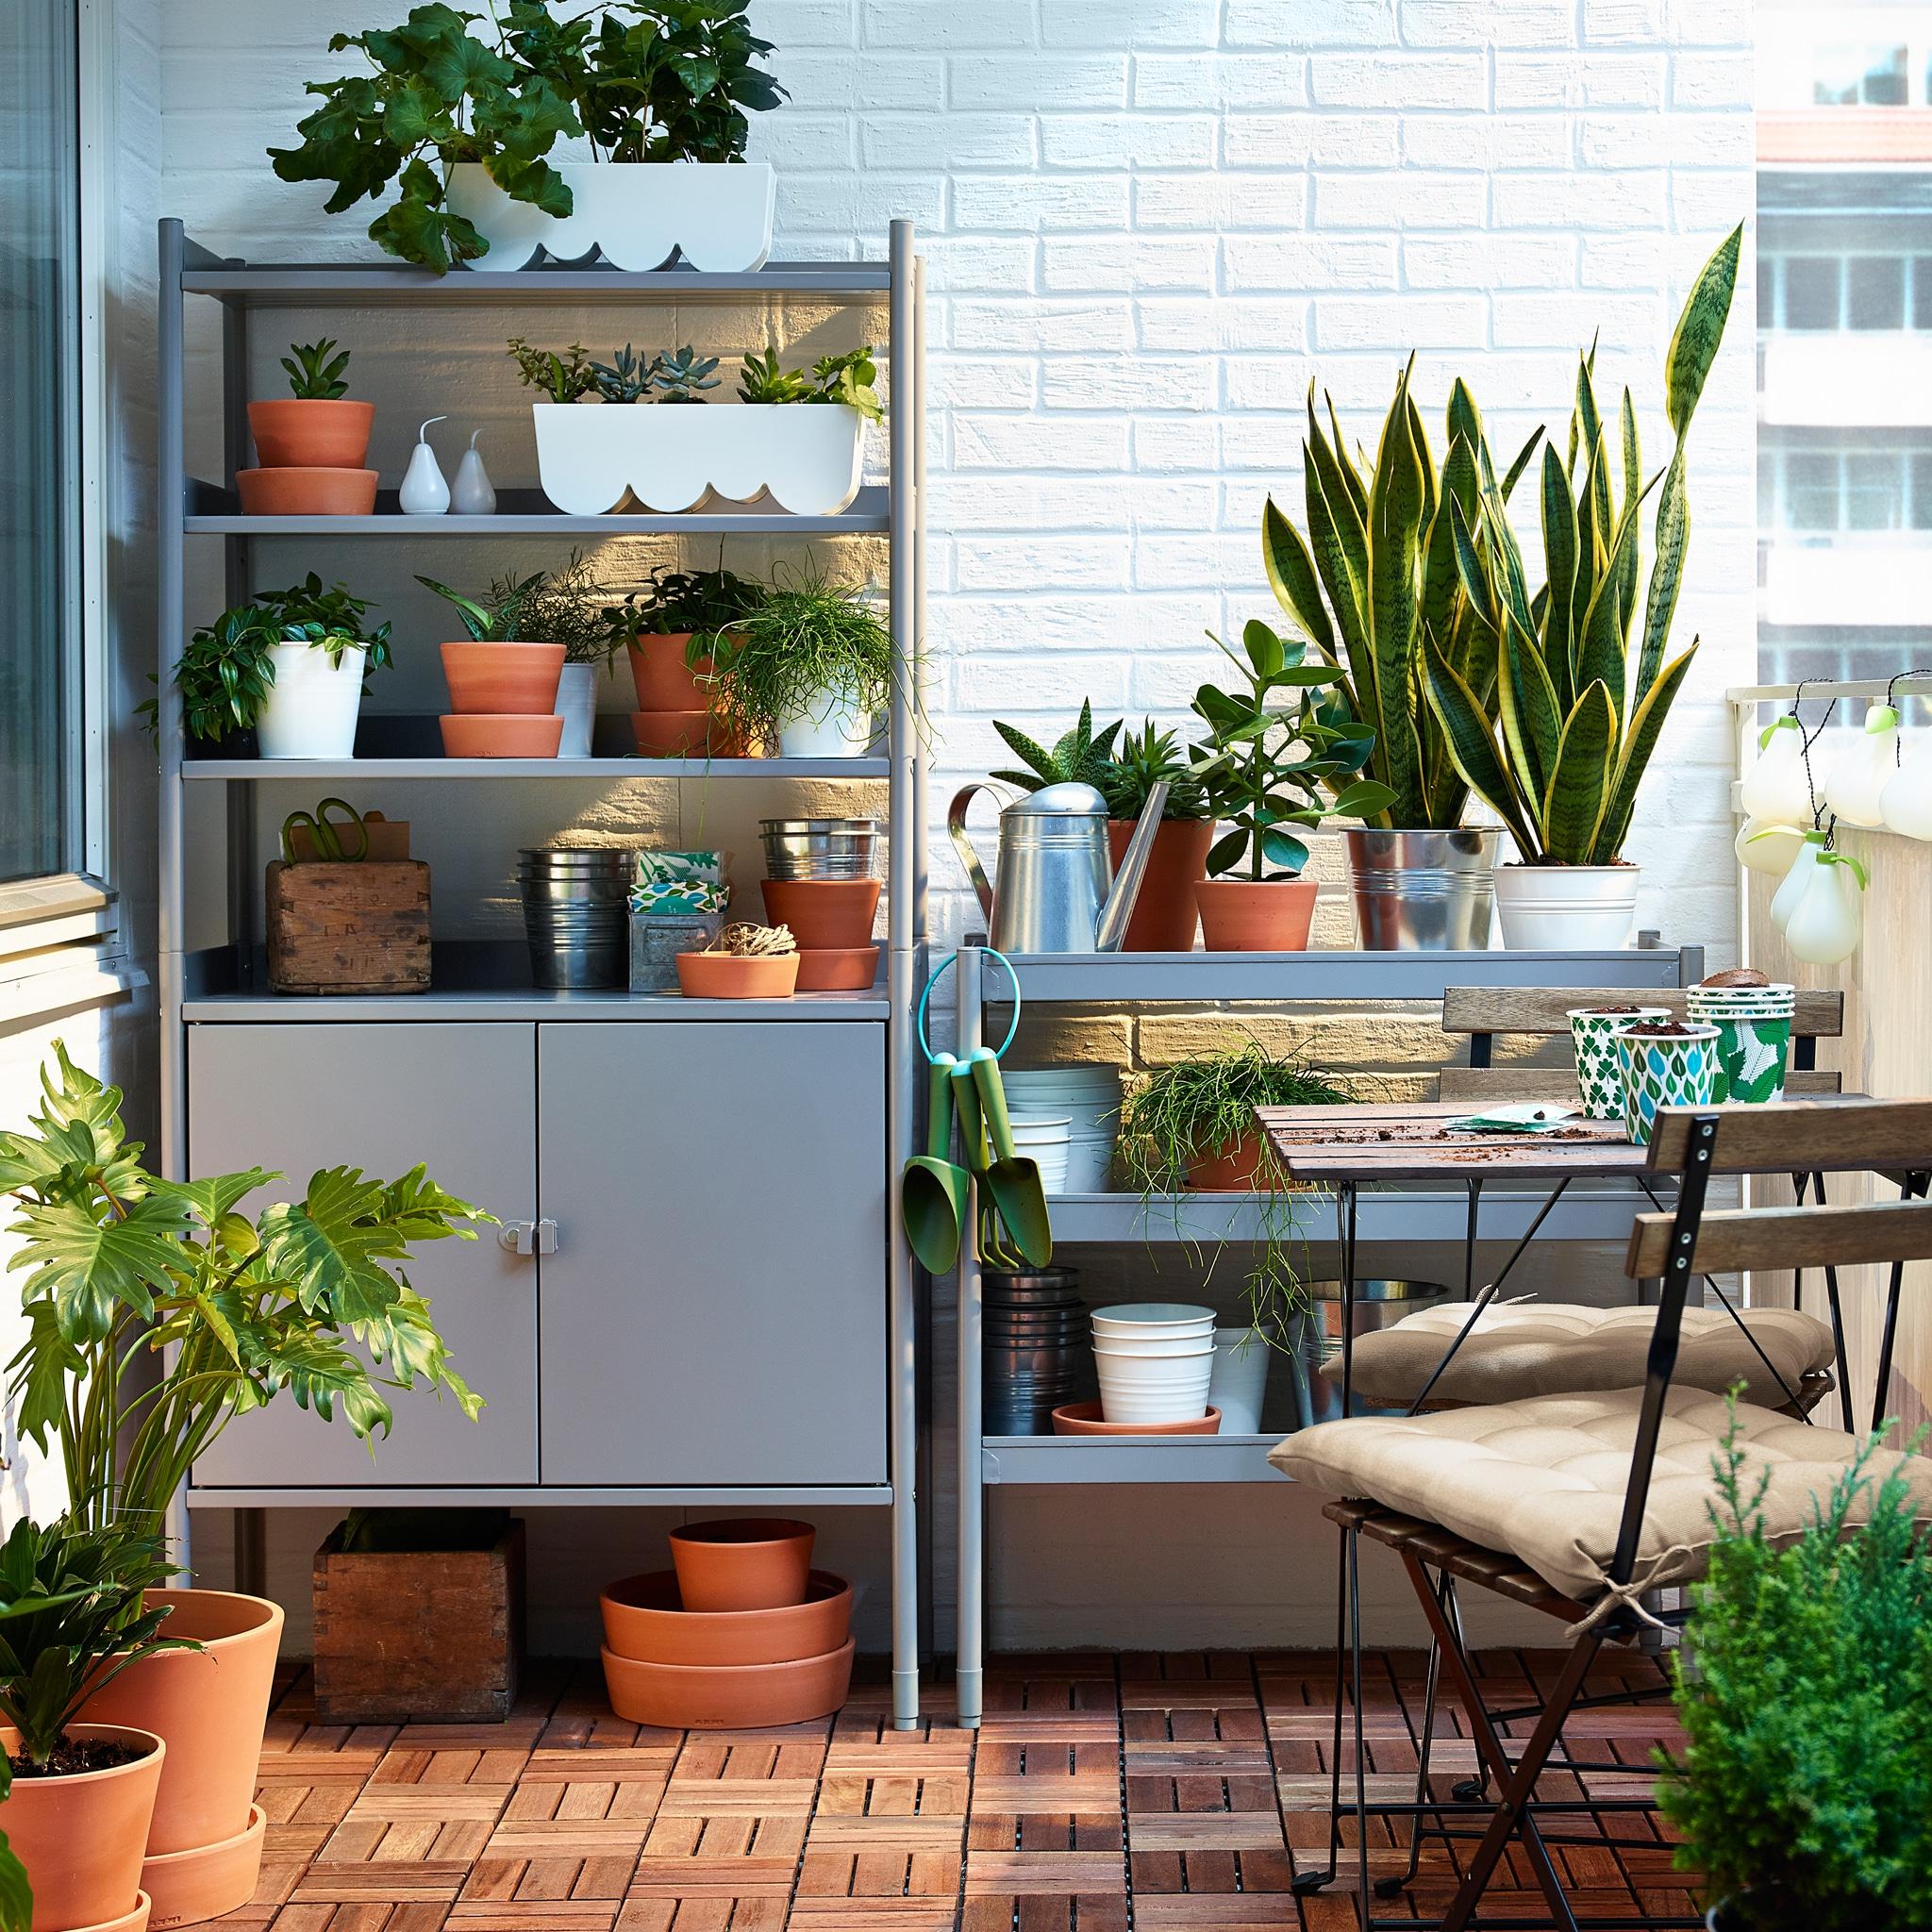 Ikea Muebles Exterior 9fdy Muebles De Jardà N Y Terraza Muebles De Exterior Pra Online Ikea